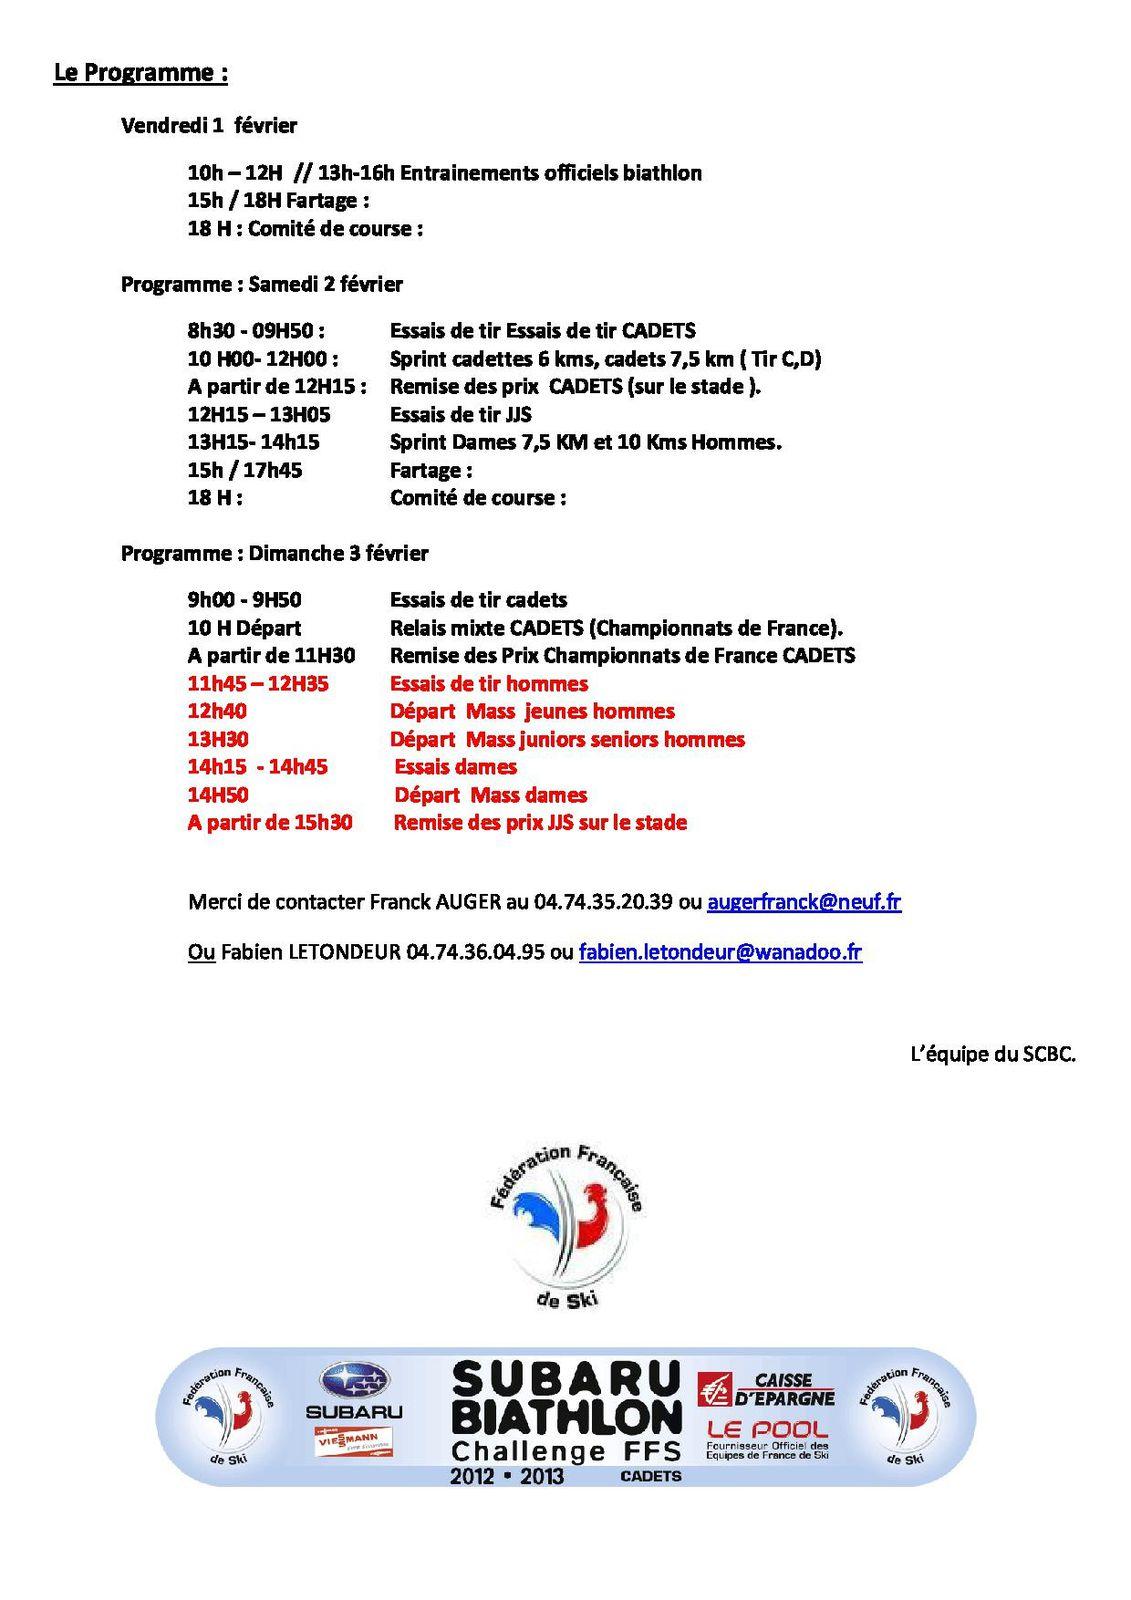 Appel aux bénévoles - Subaru Biathlon Challenge.